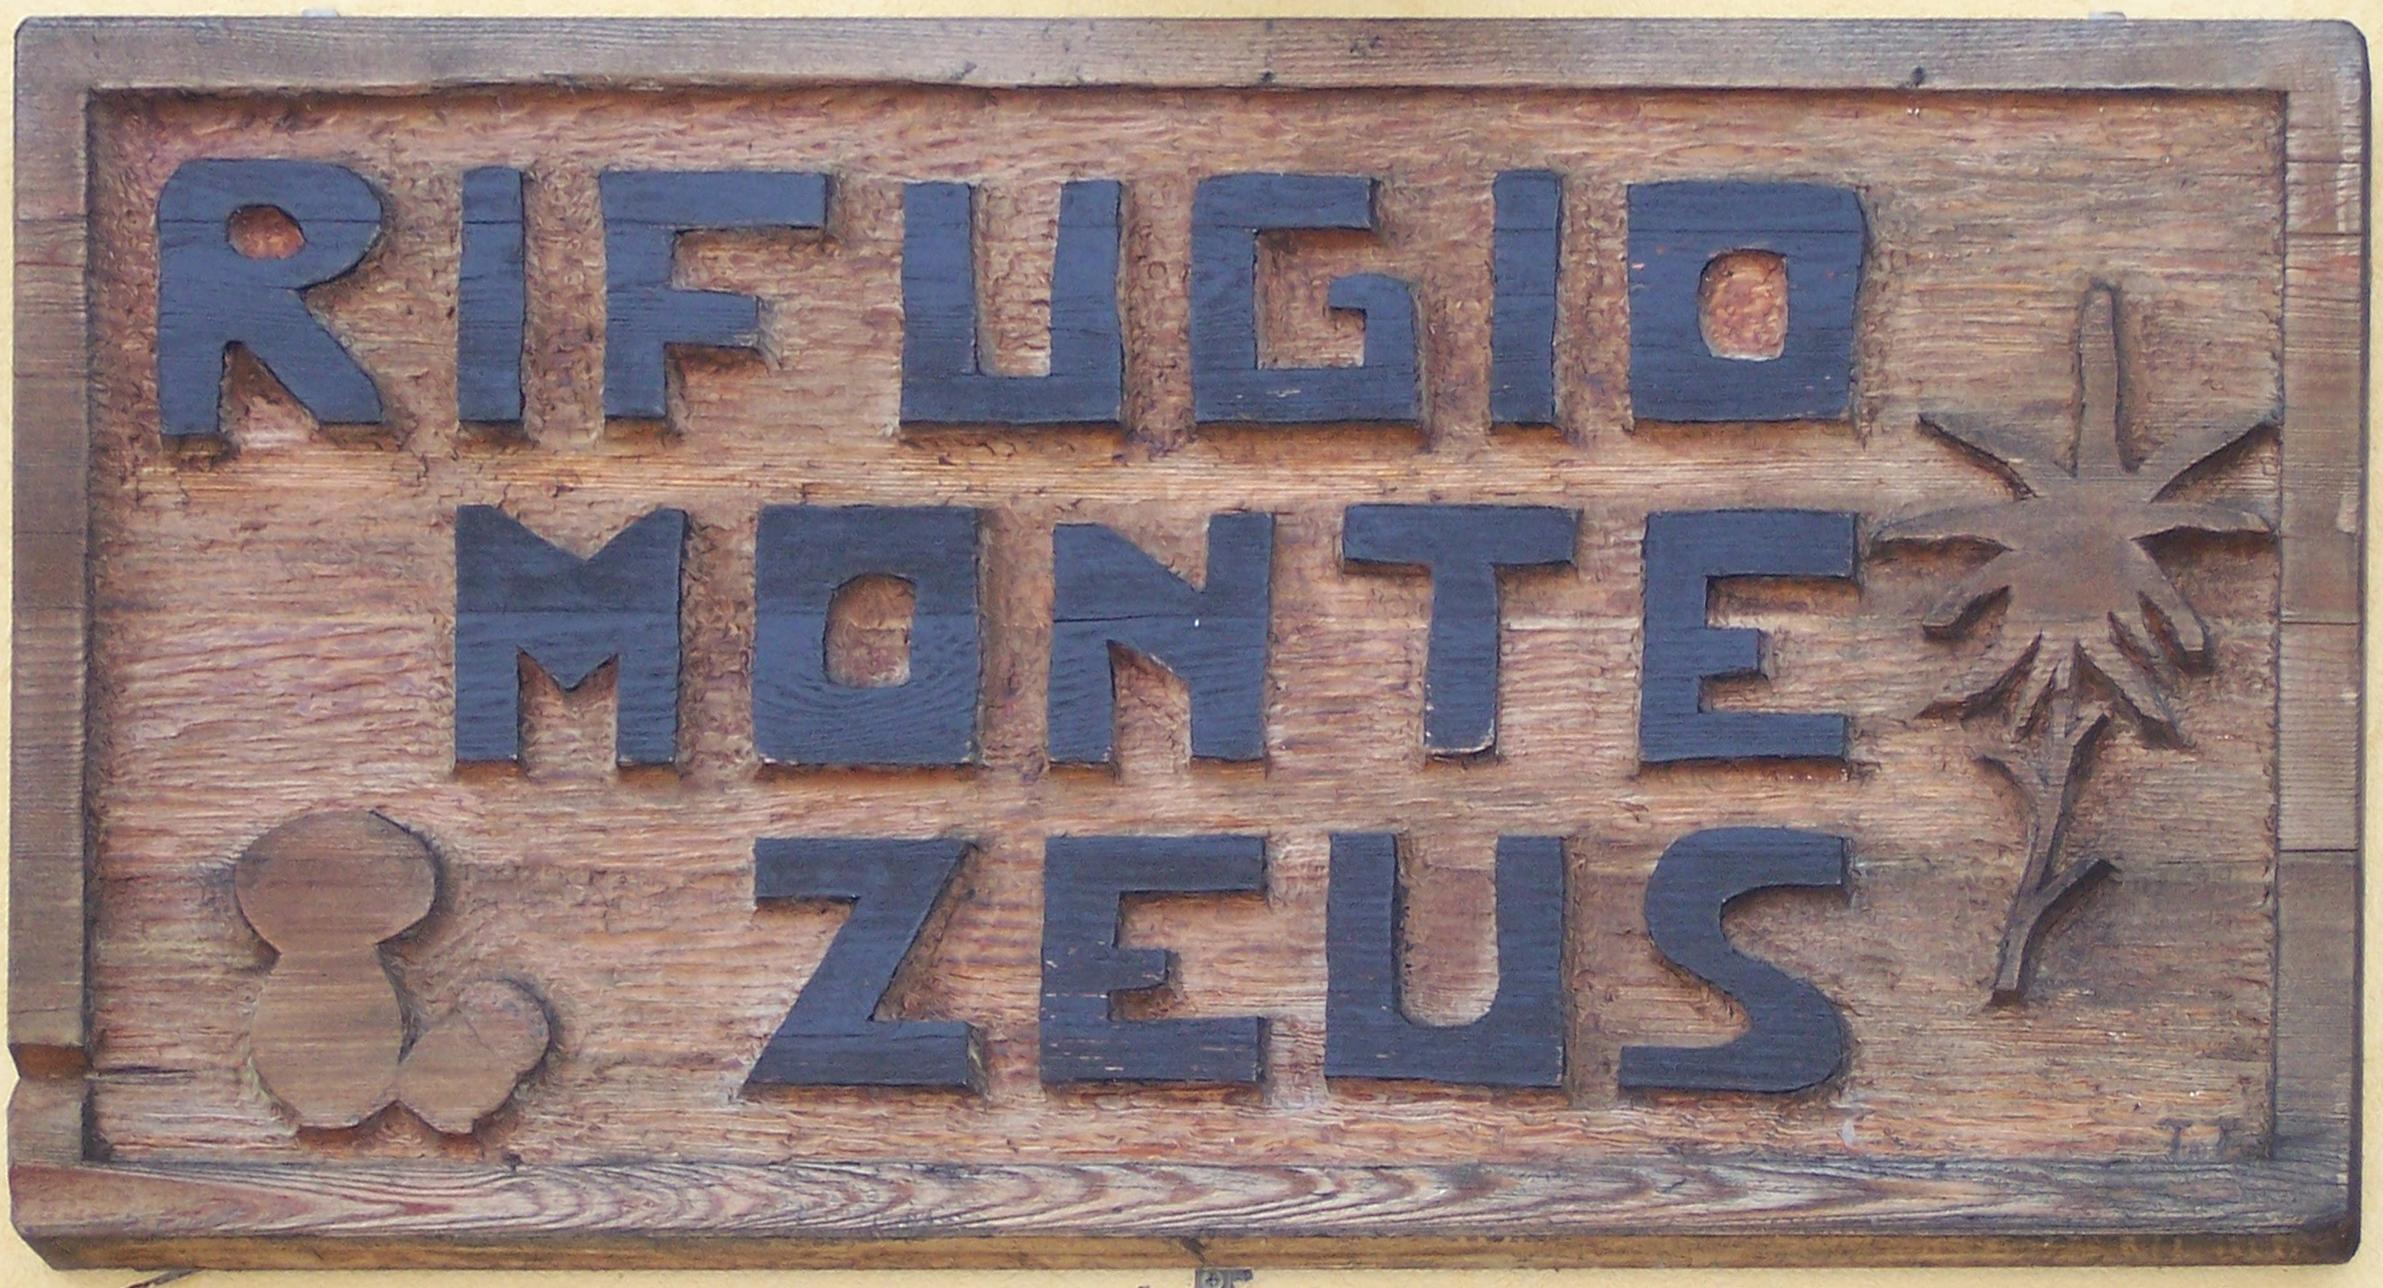 Rifugio Monte Zeus